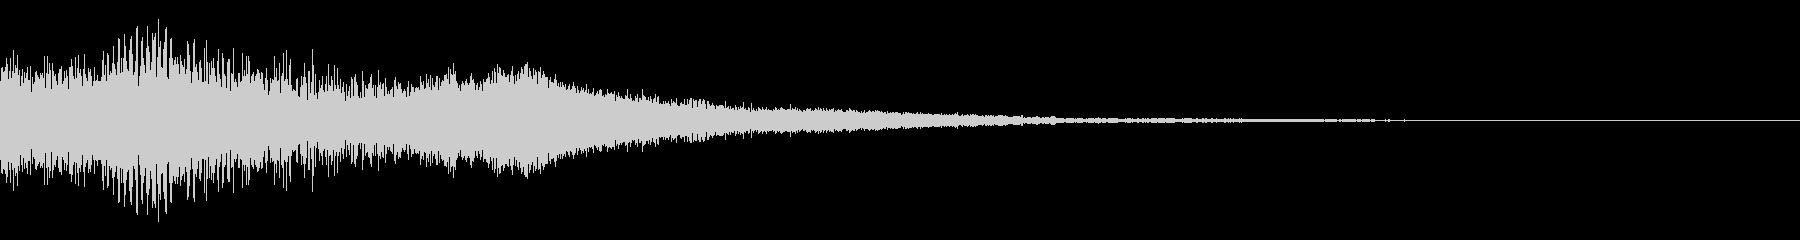 バイブシンセの未再生の波形